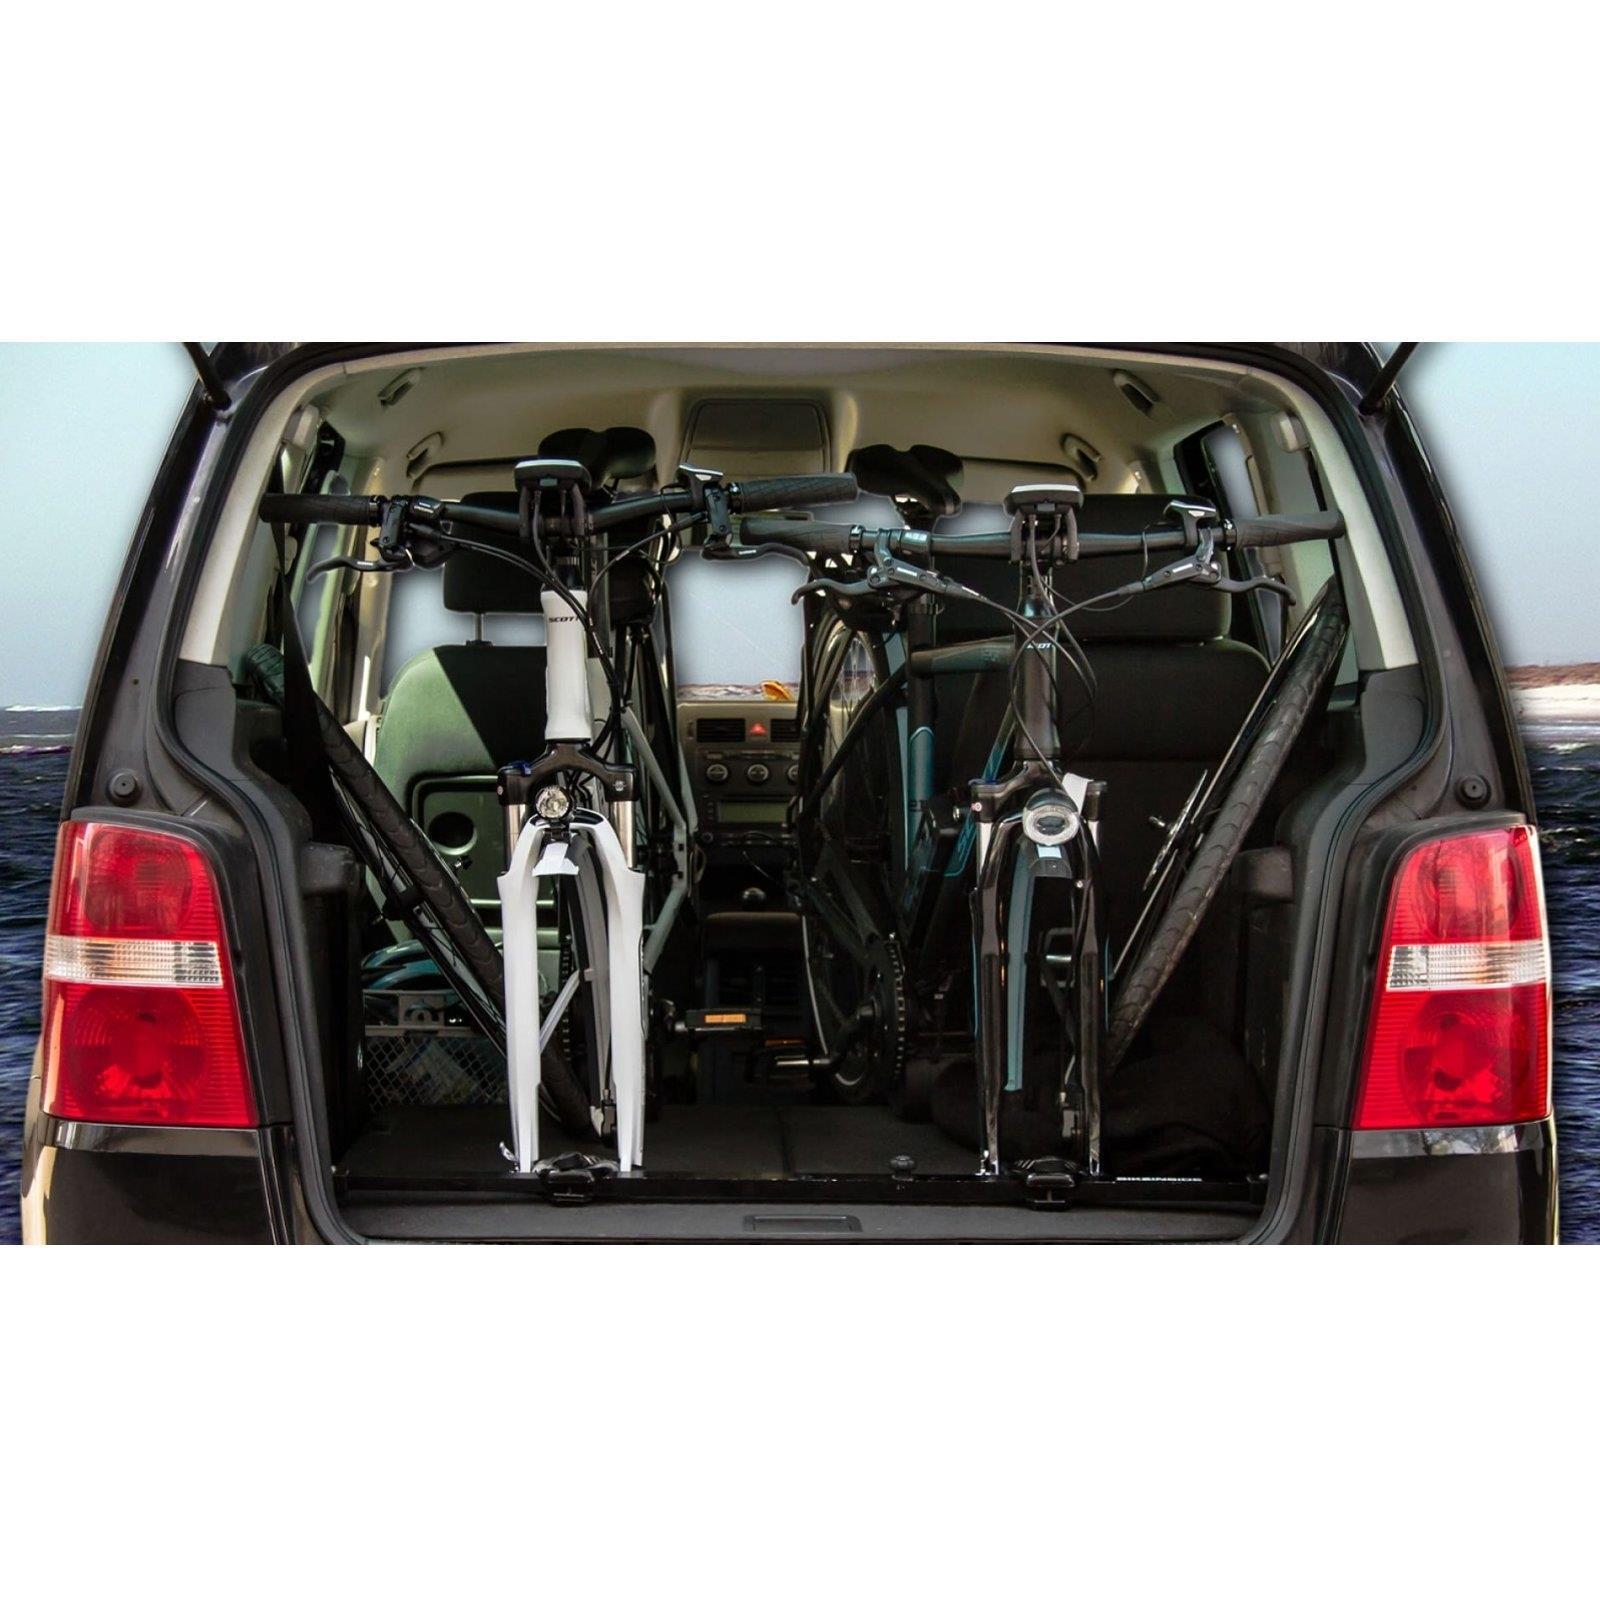 bikeinside fahrrad tr ger halterung transport. Black Bedroom Furniture Sets. Home Design Ideas